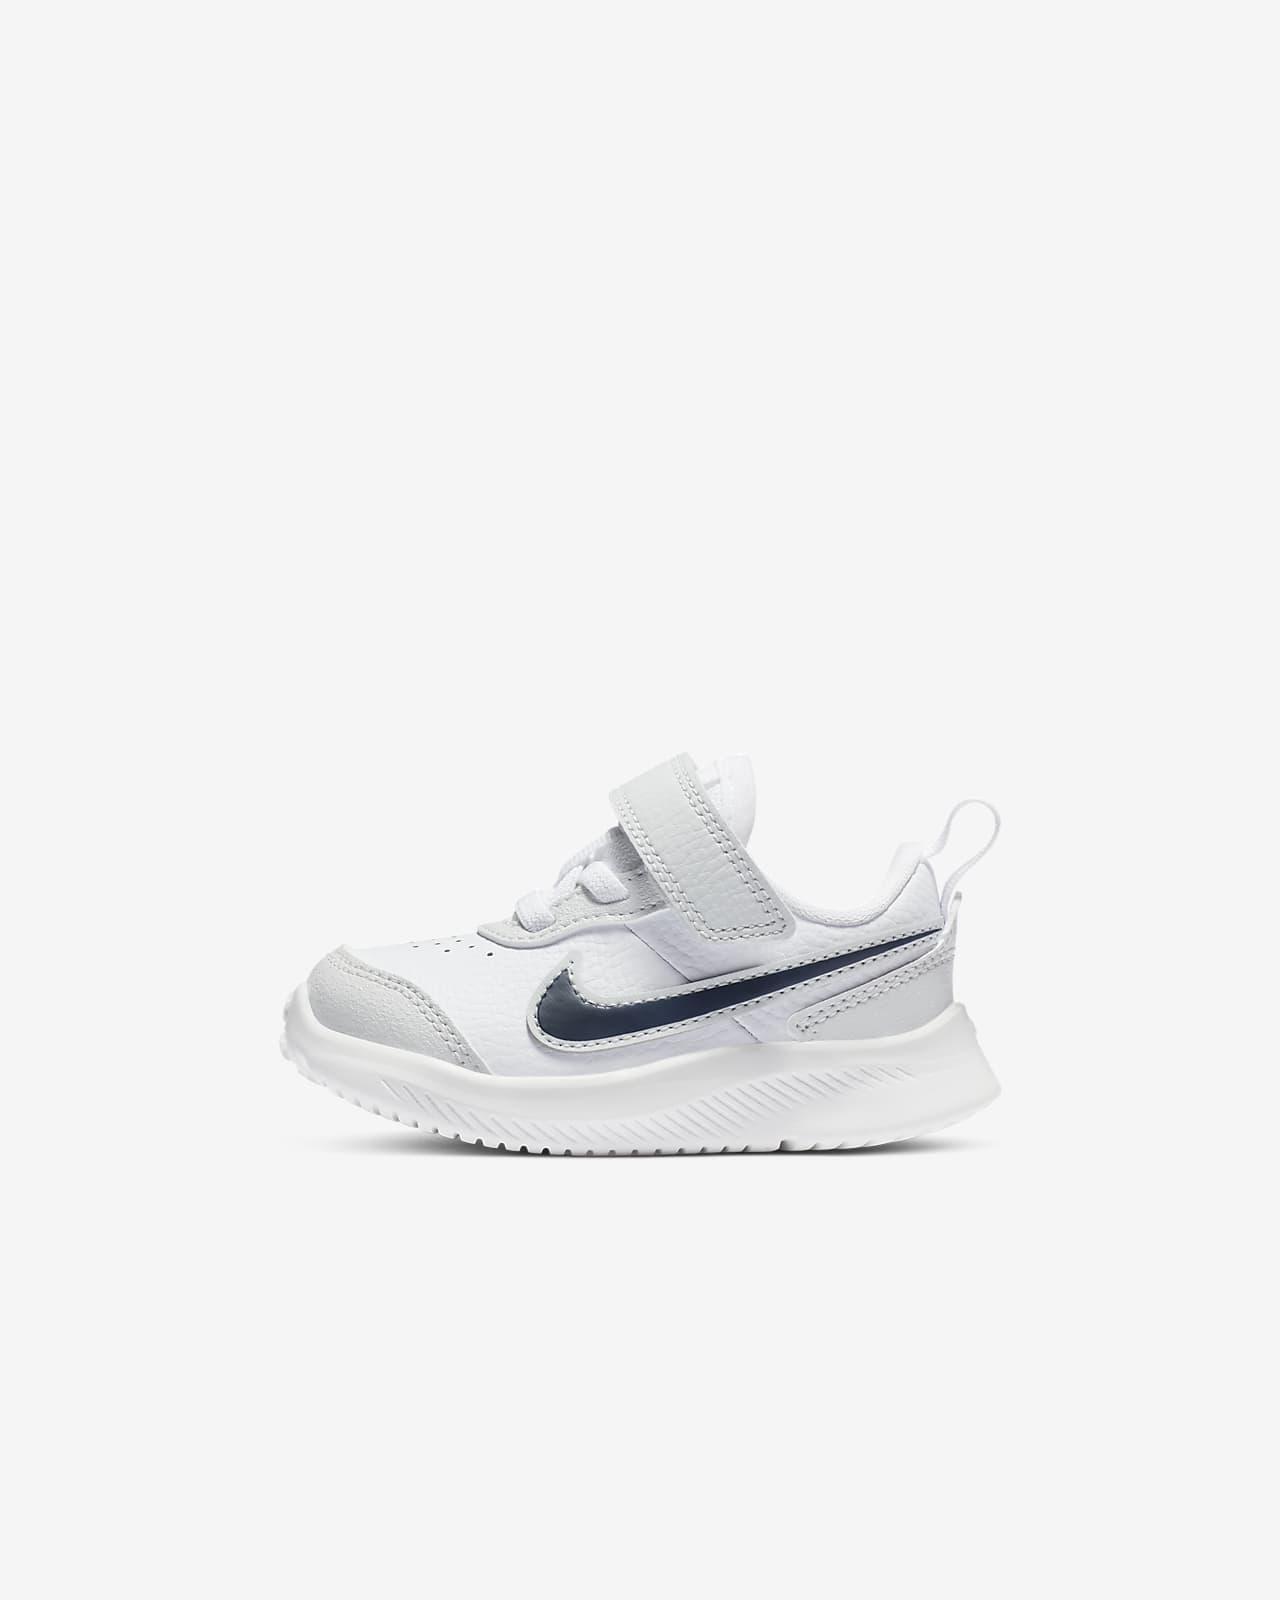 Nike Varsity Leather Zapatillas - Bebé e infantil